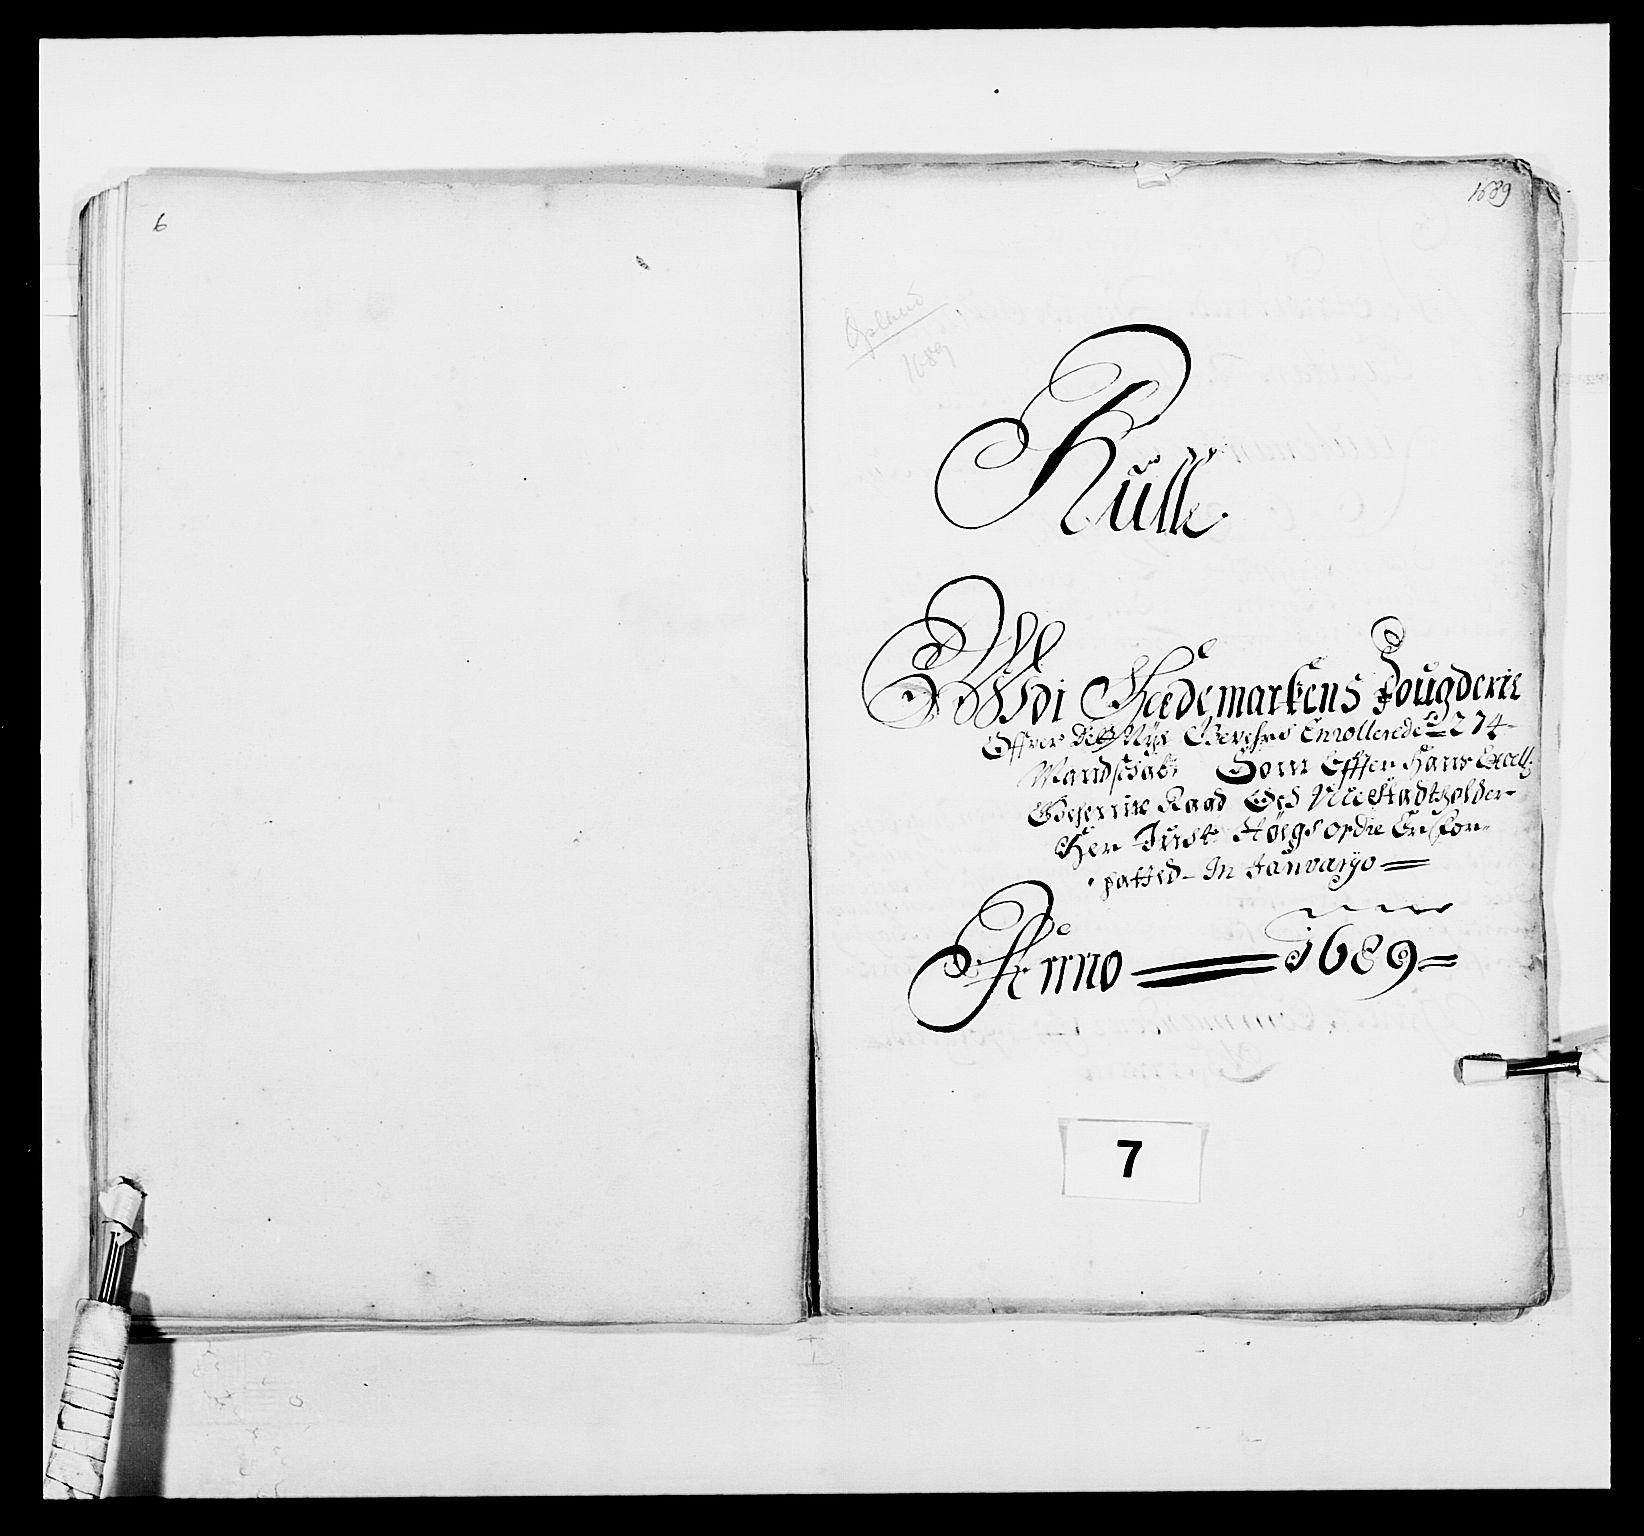 RA, Kommanderende general (KG I) med Det norske krigsdirektorium, E/Ea/L0498: Opplandske regiment, 1662-1689, s. 405